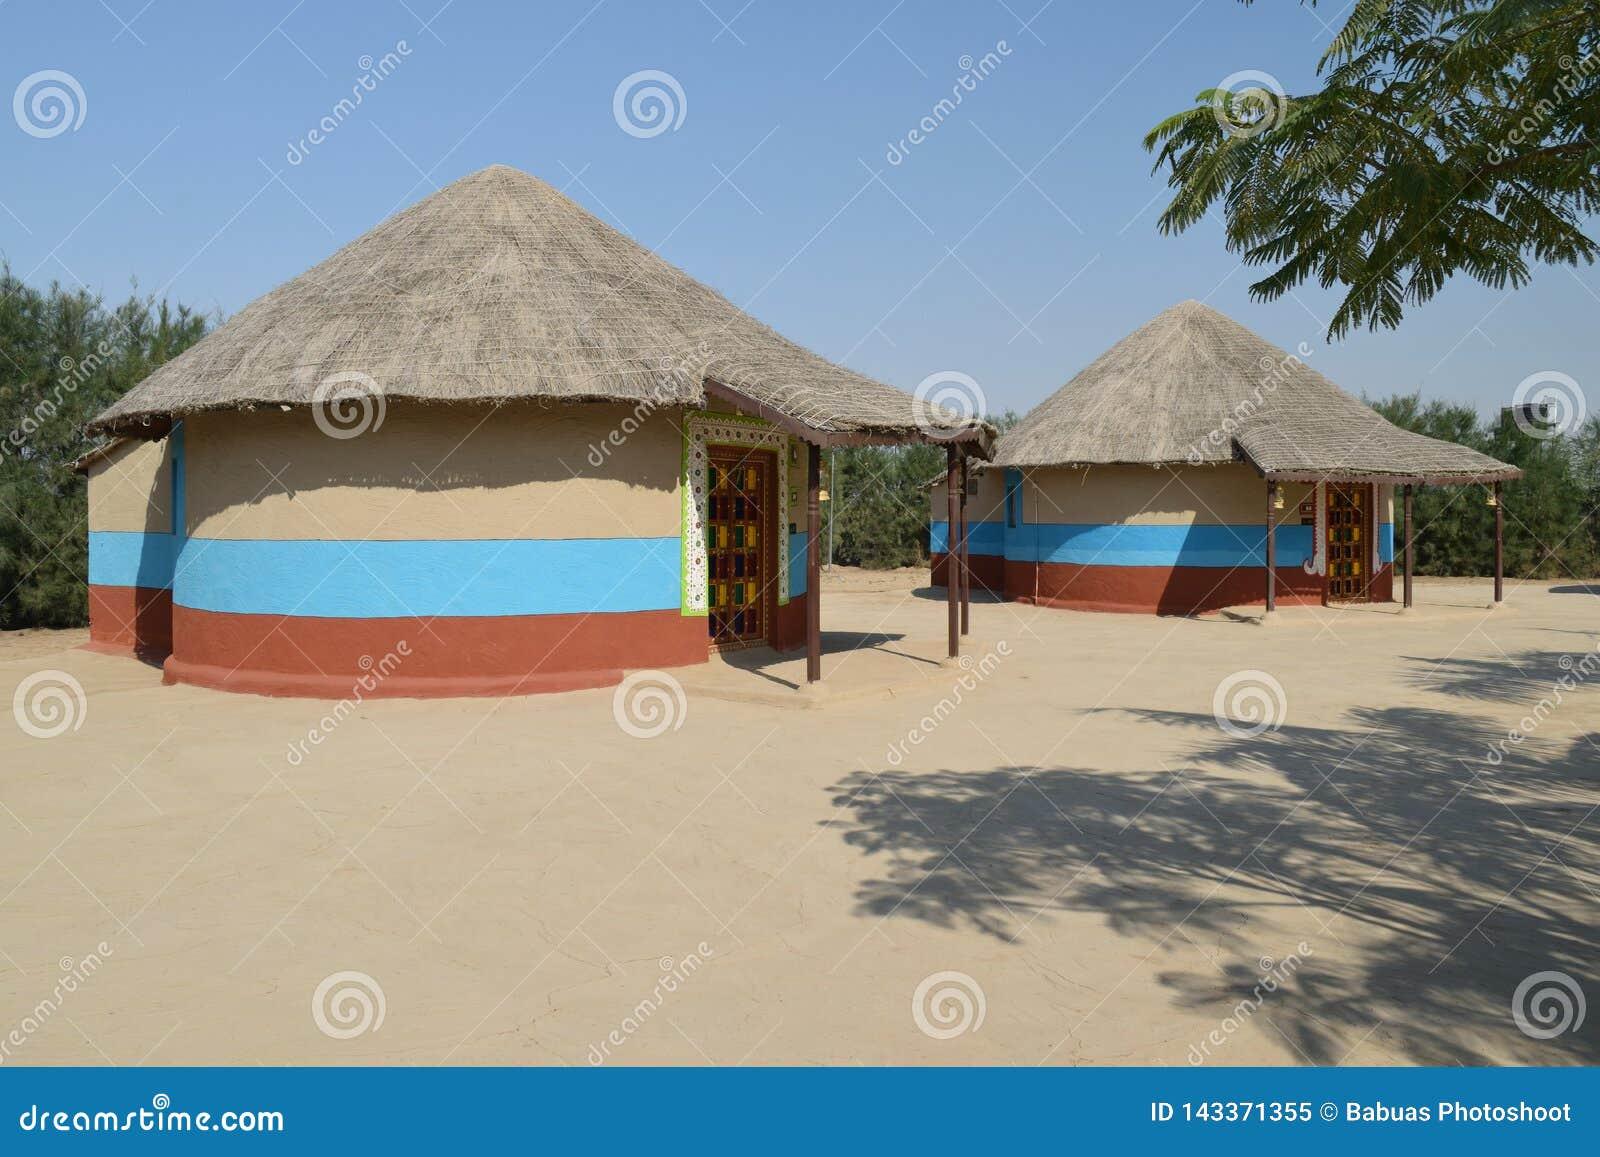 Bunga, une maison cylindrique de boue avec le toit couvert de chaume